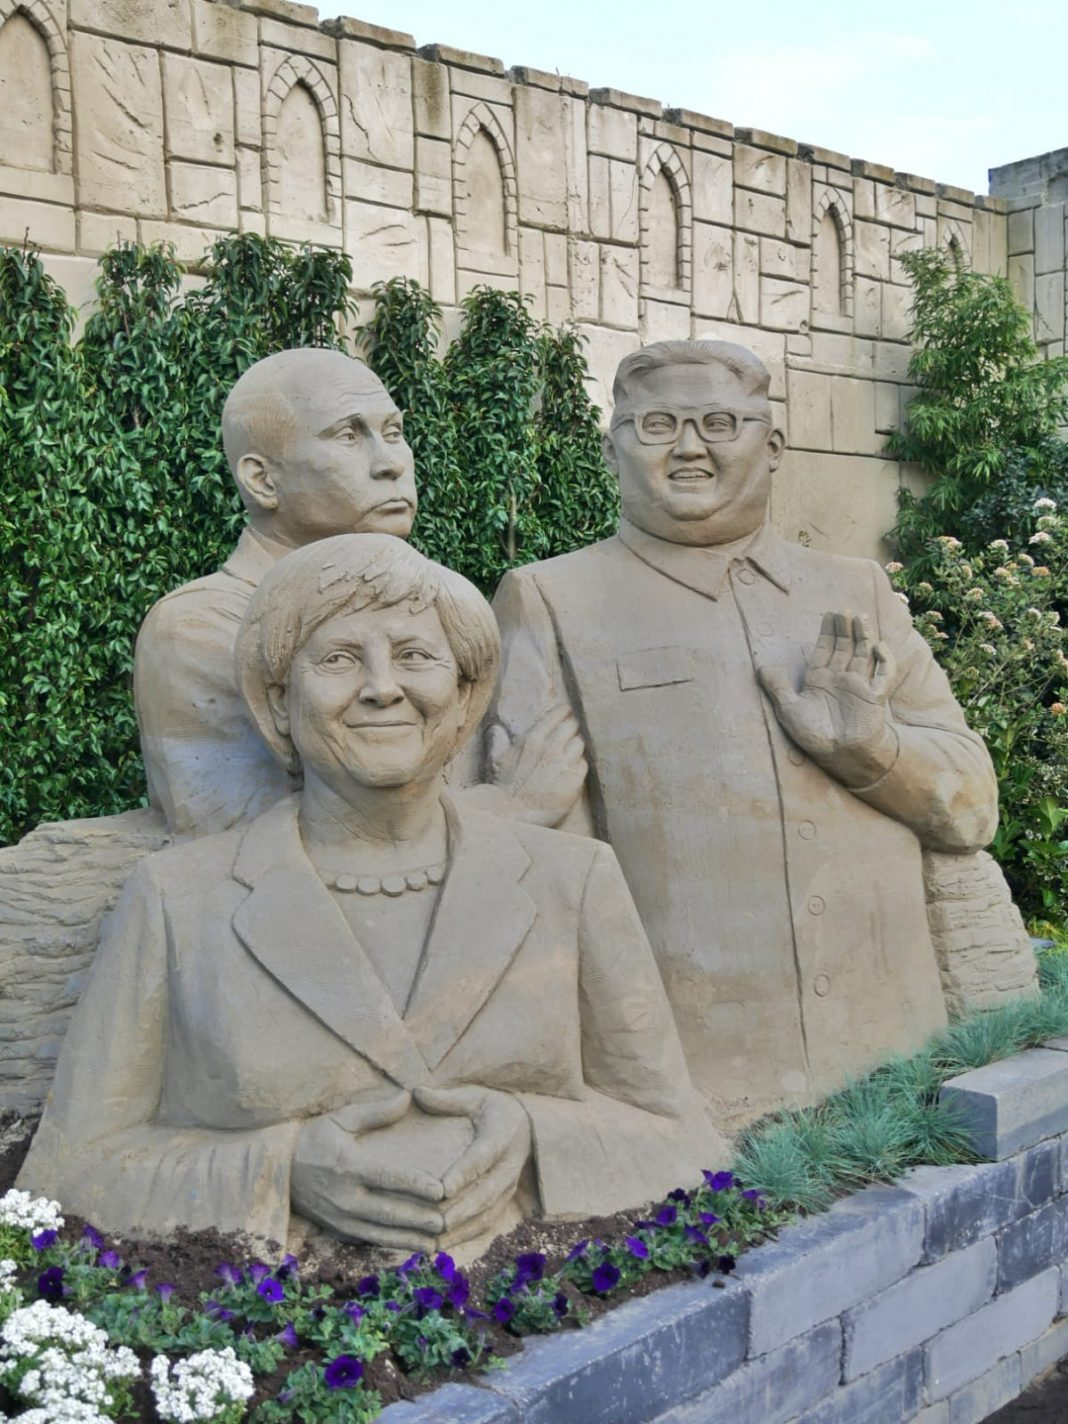 Begroet wereldleiders zoals Poetin, Merkel en Kim Jong-un